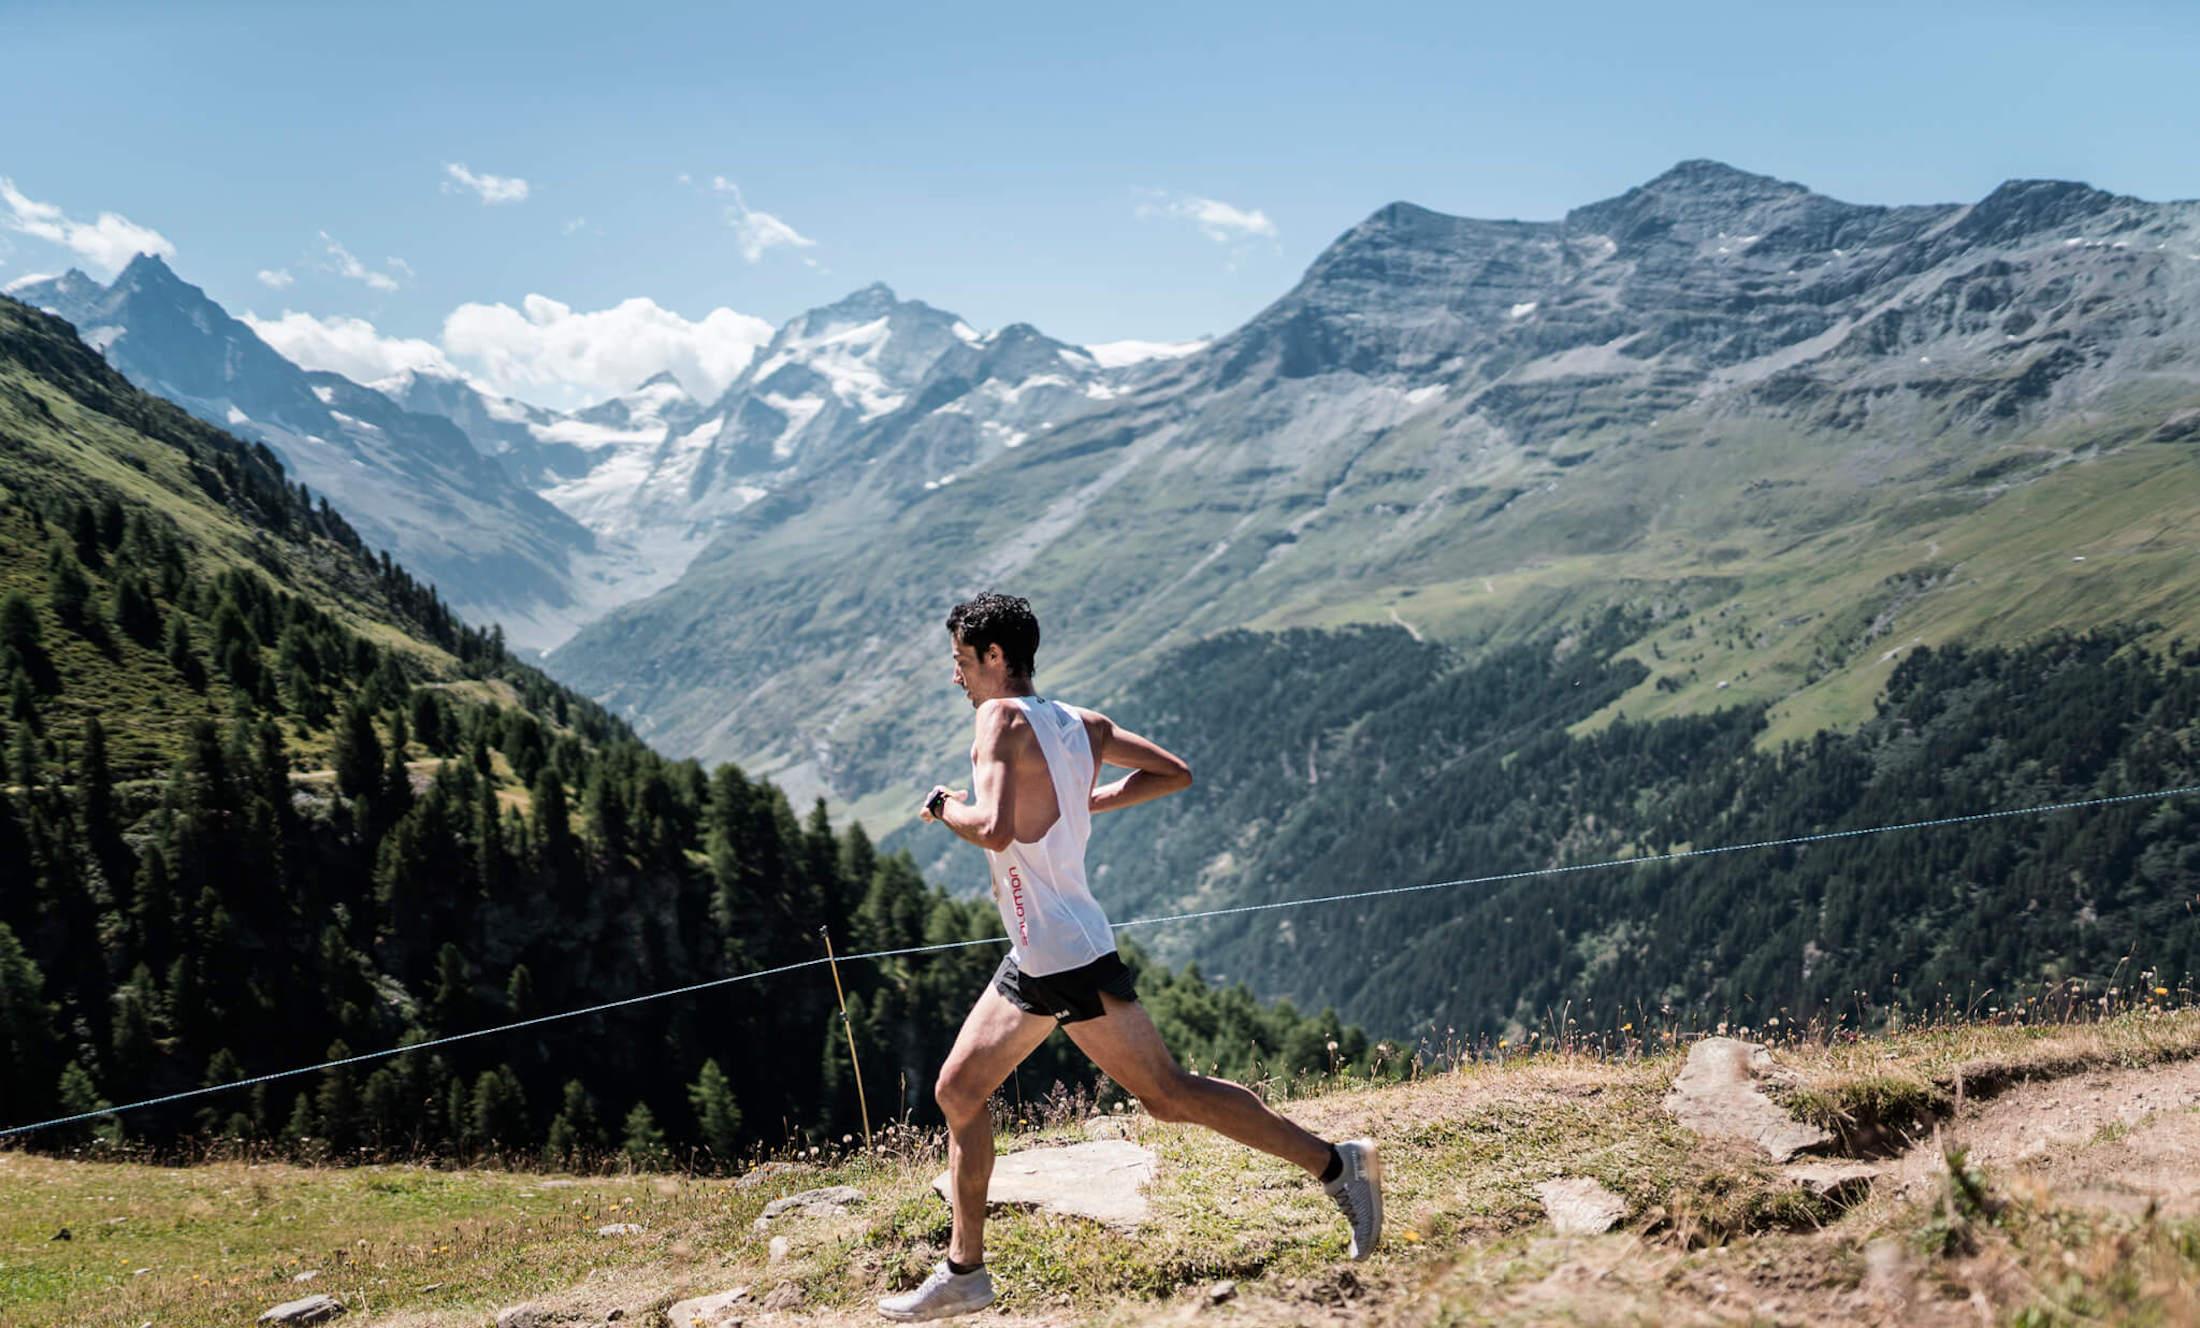 Kilian Jornet running in the Golden Trail World Series